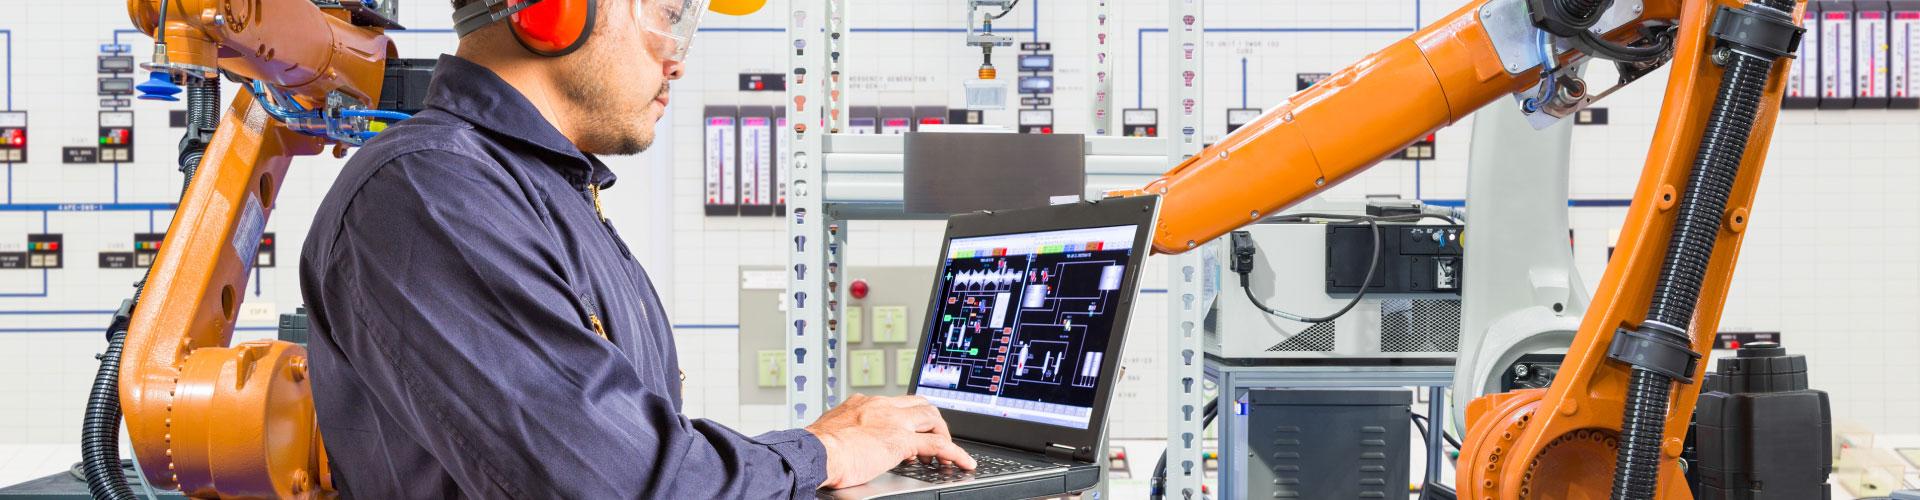 Automação Industrial e Instrumentação Industrial – Conheça a diferença entre automação e instrumentação